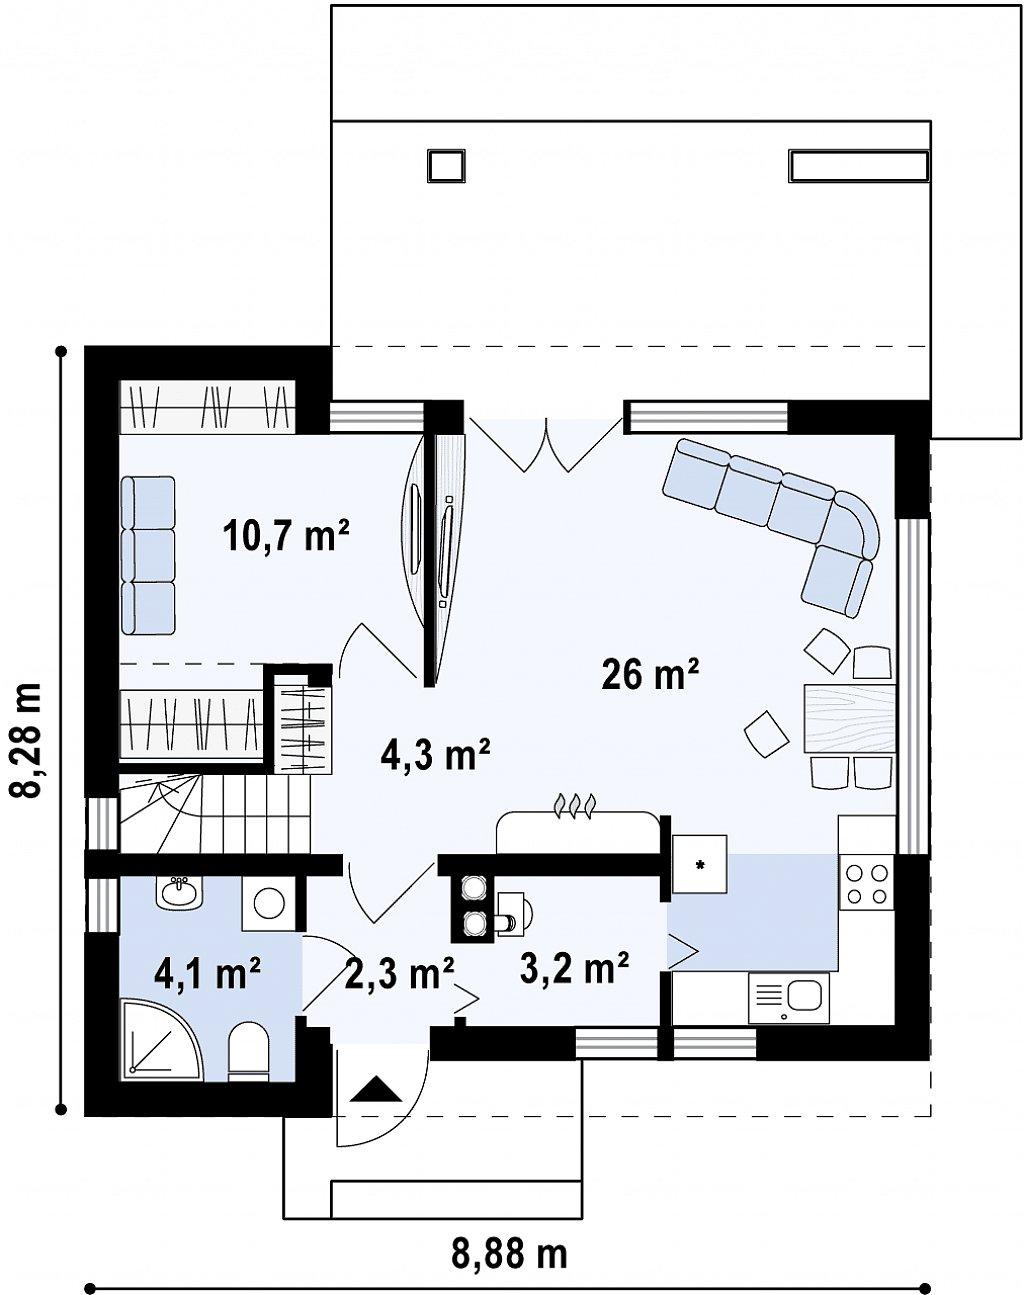 Второй этаж компактного дома